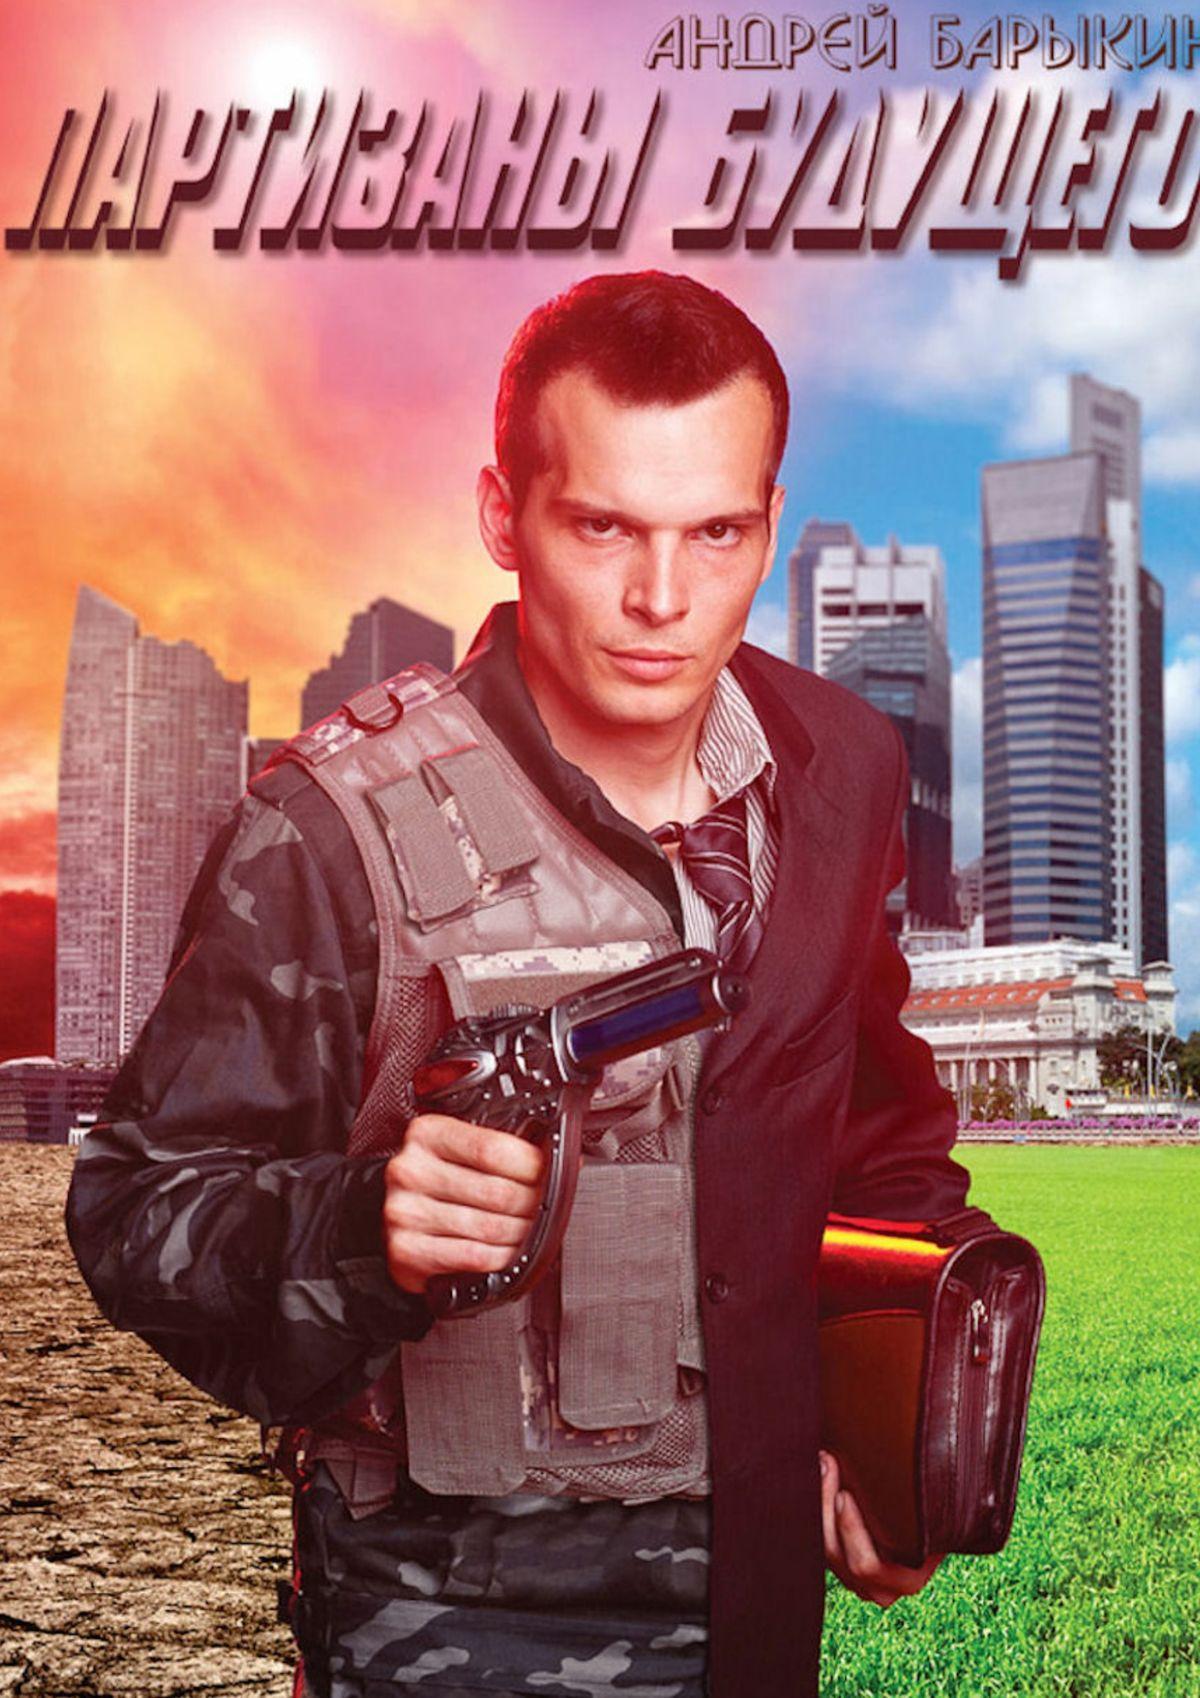 Андрей Барыкин Партизаны будущего